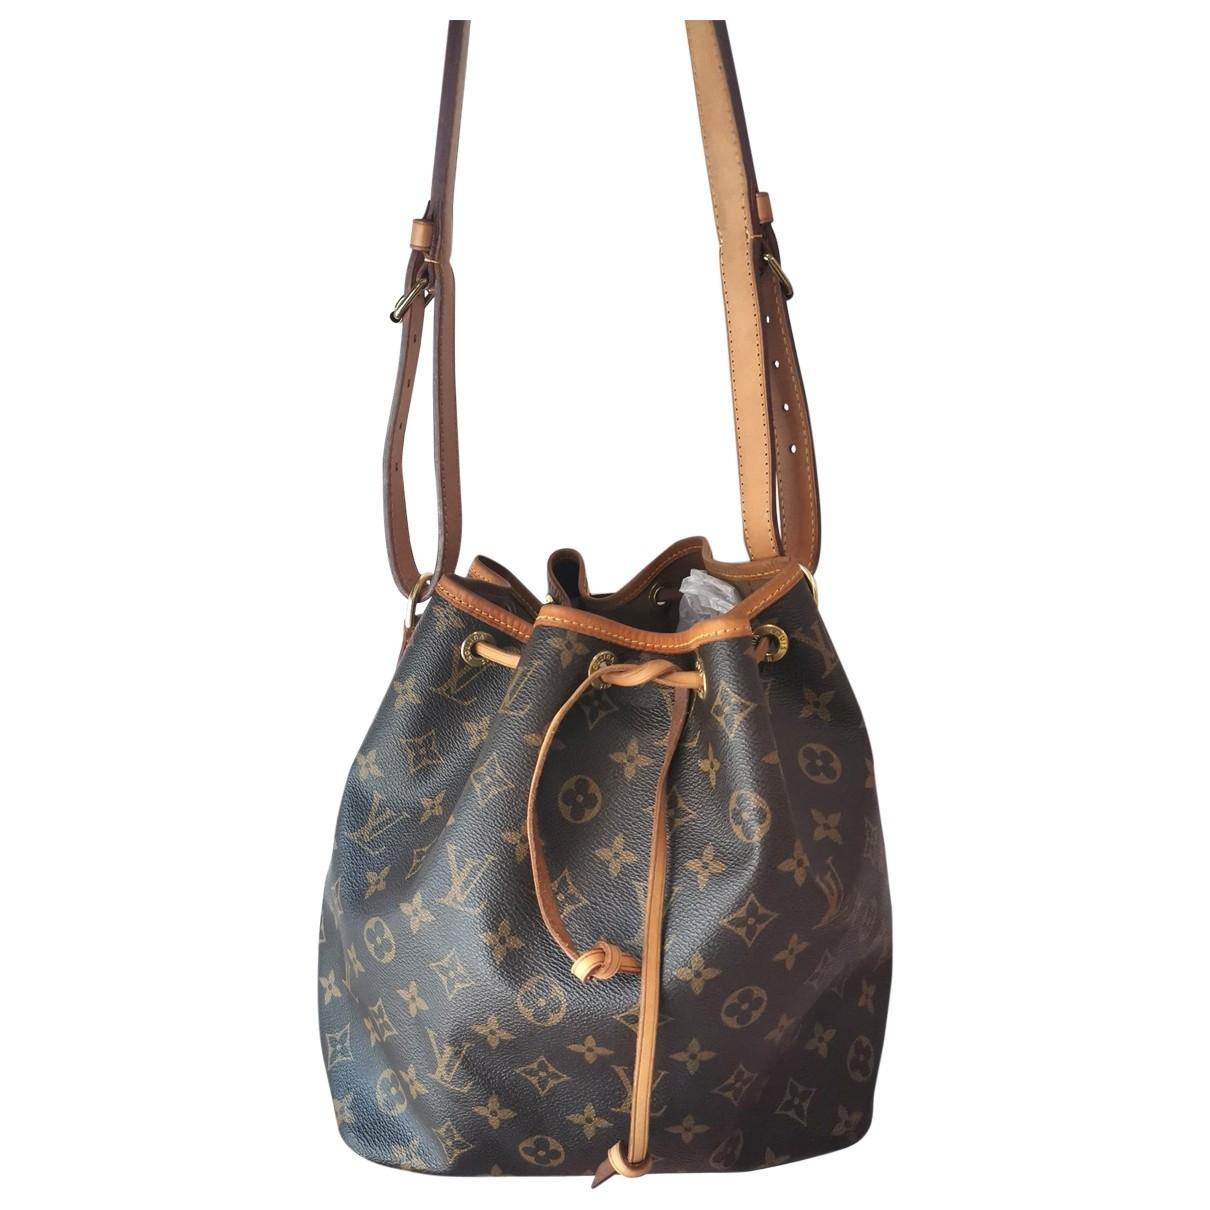 Bolso  Noe de Lona Louis Vuitton